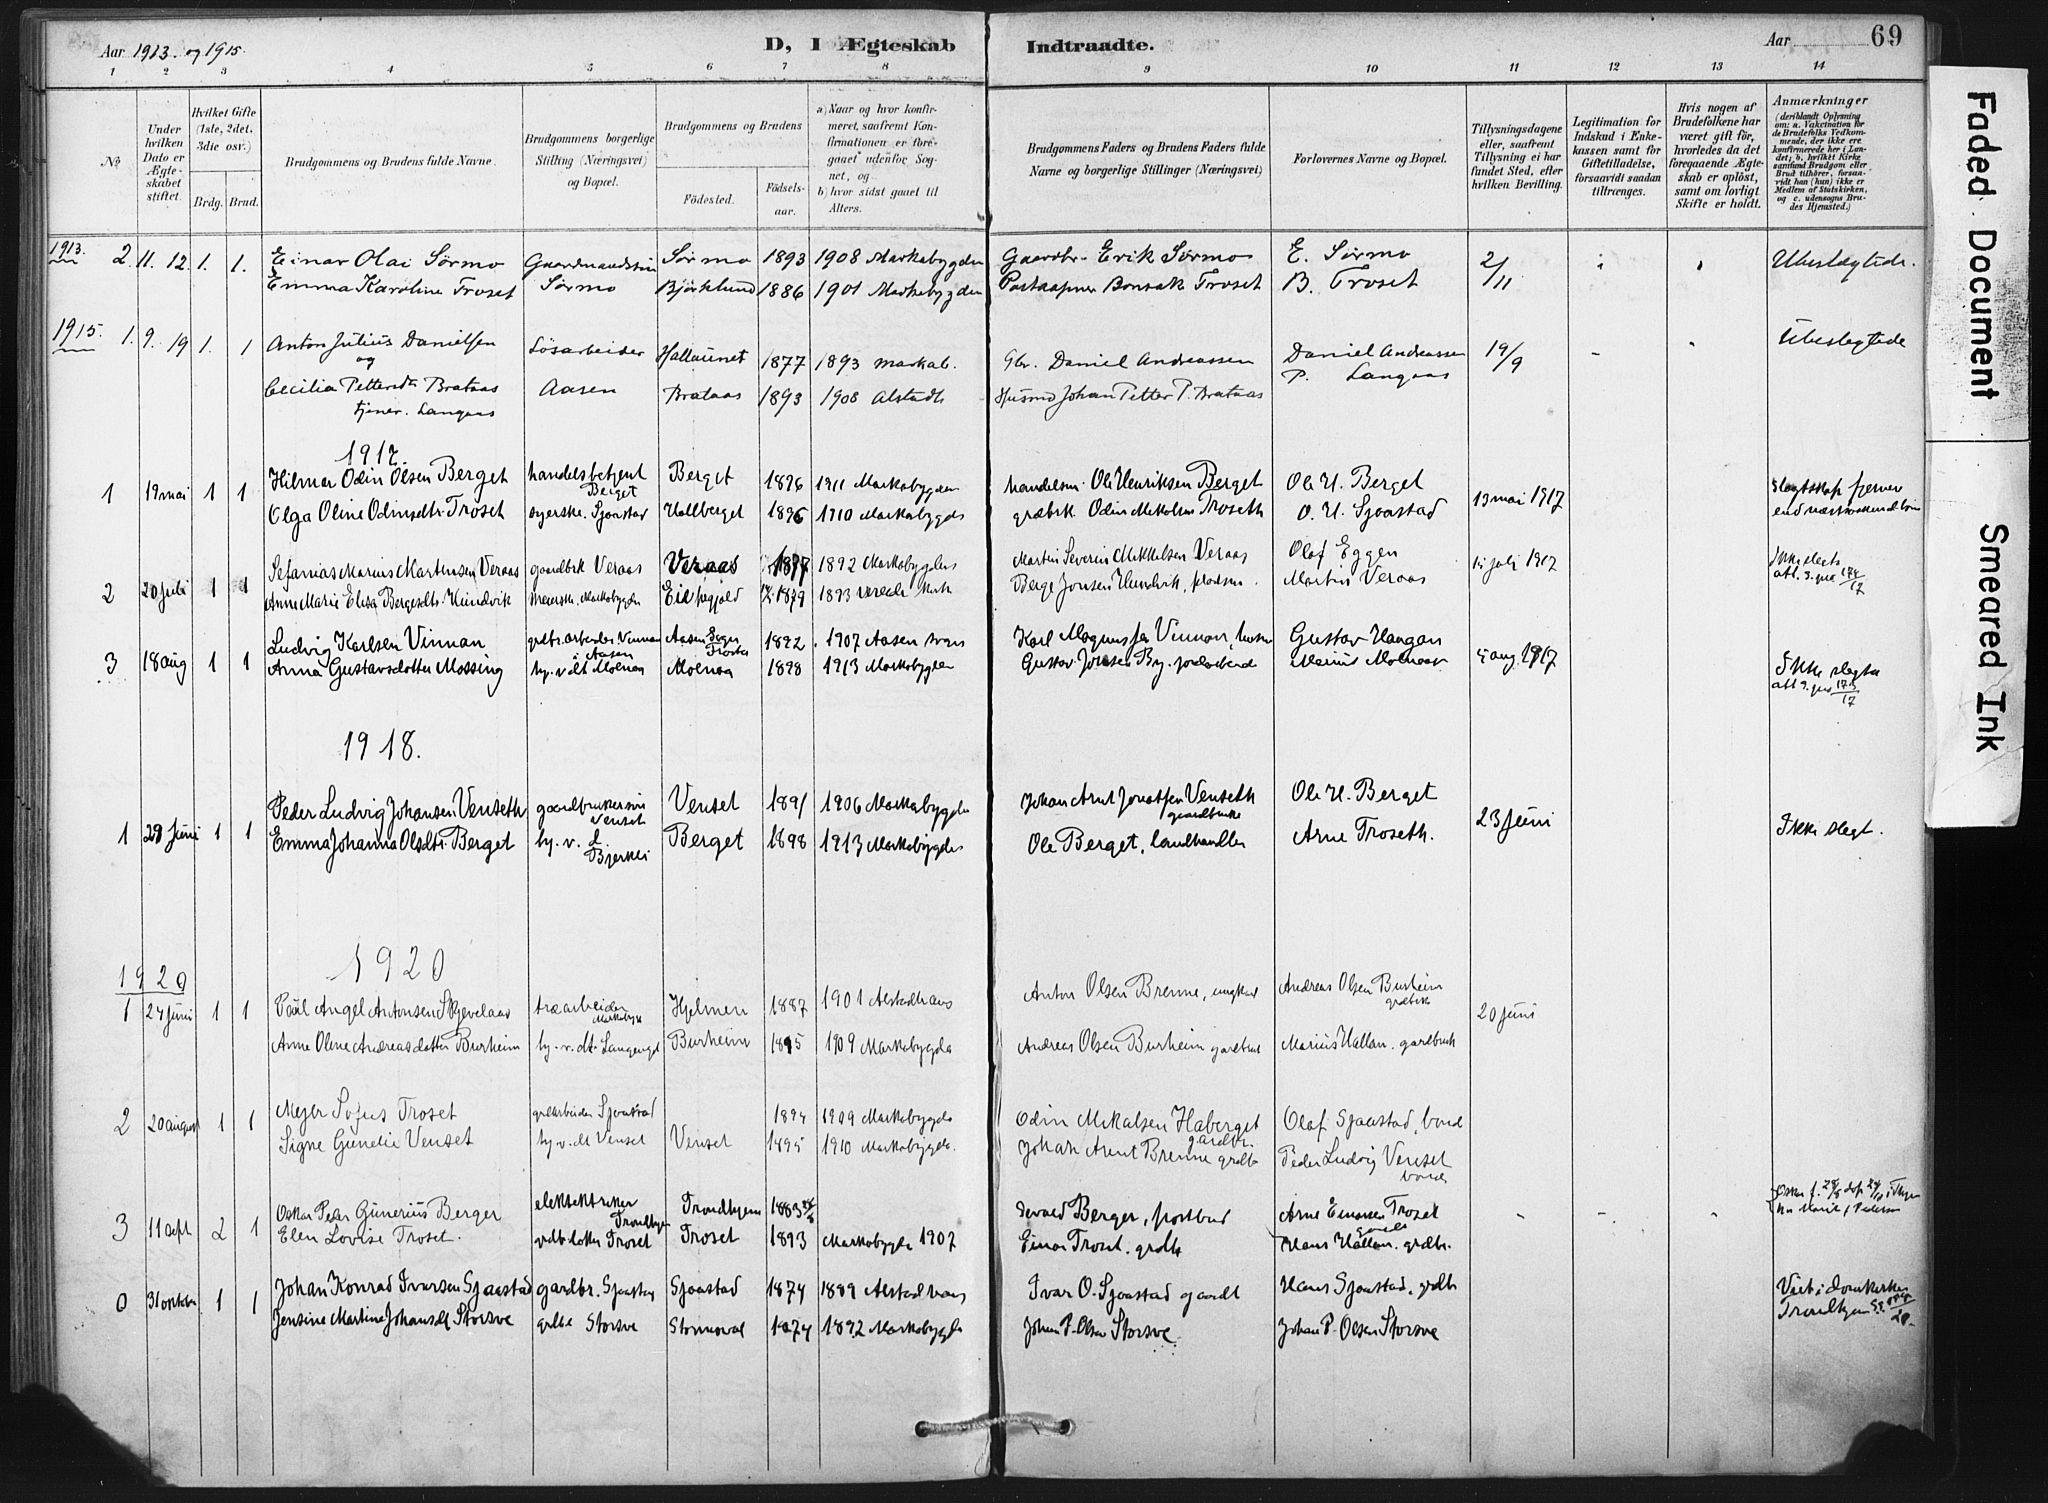 SAT, Ministerialprotokoller, klokkerbøker og fødselsregistre - Nord-Trøndelag, 718/L0175: Ministerialbok nr. 718A01, 1890-1923, s. 69